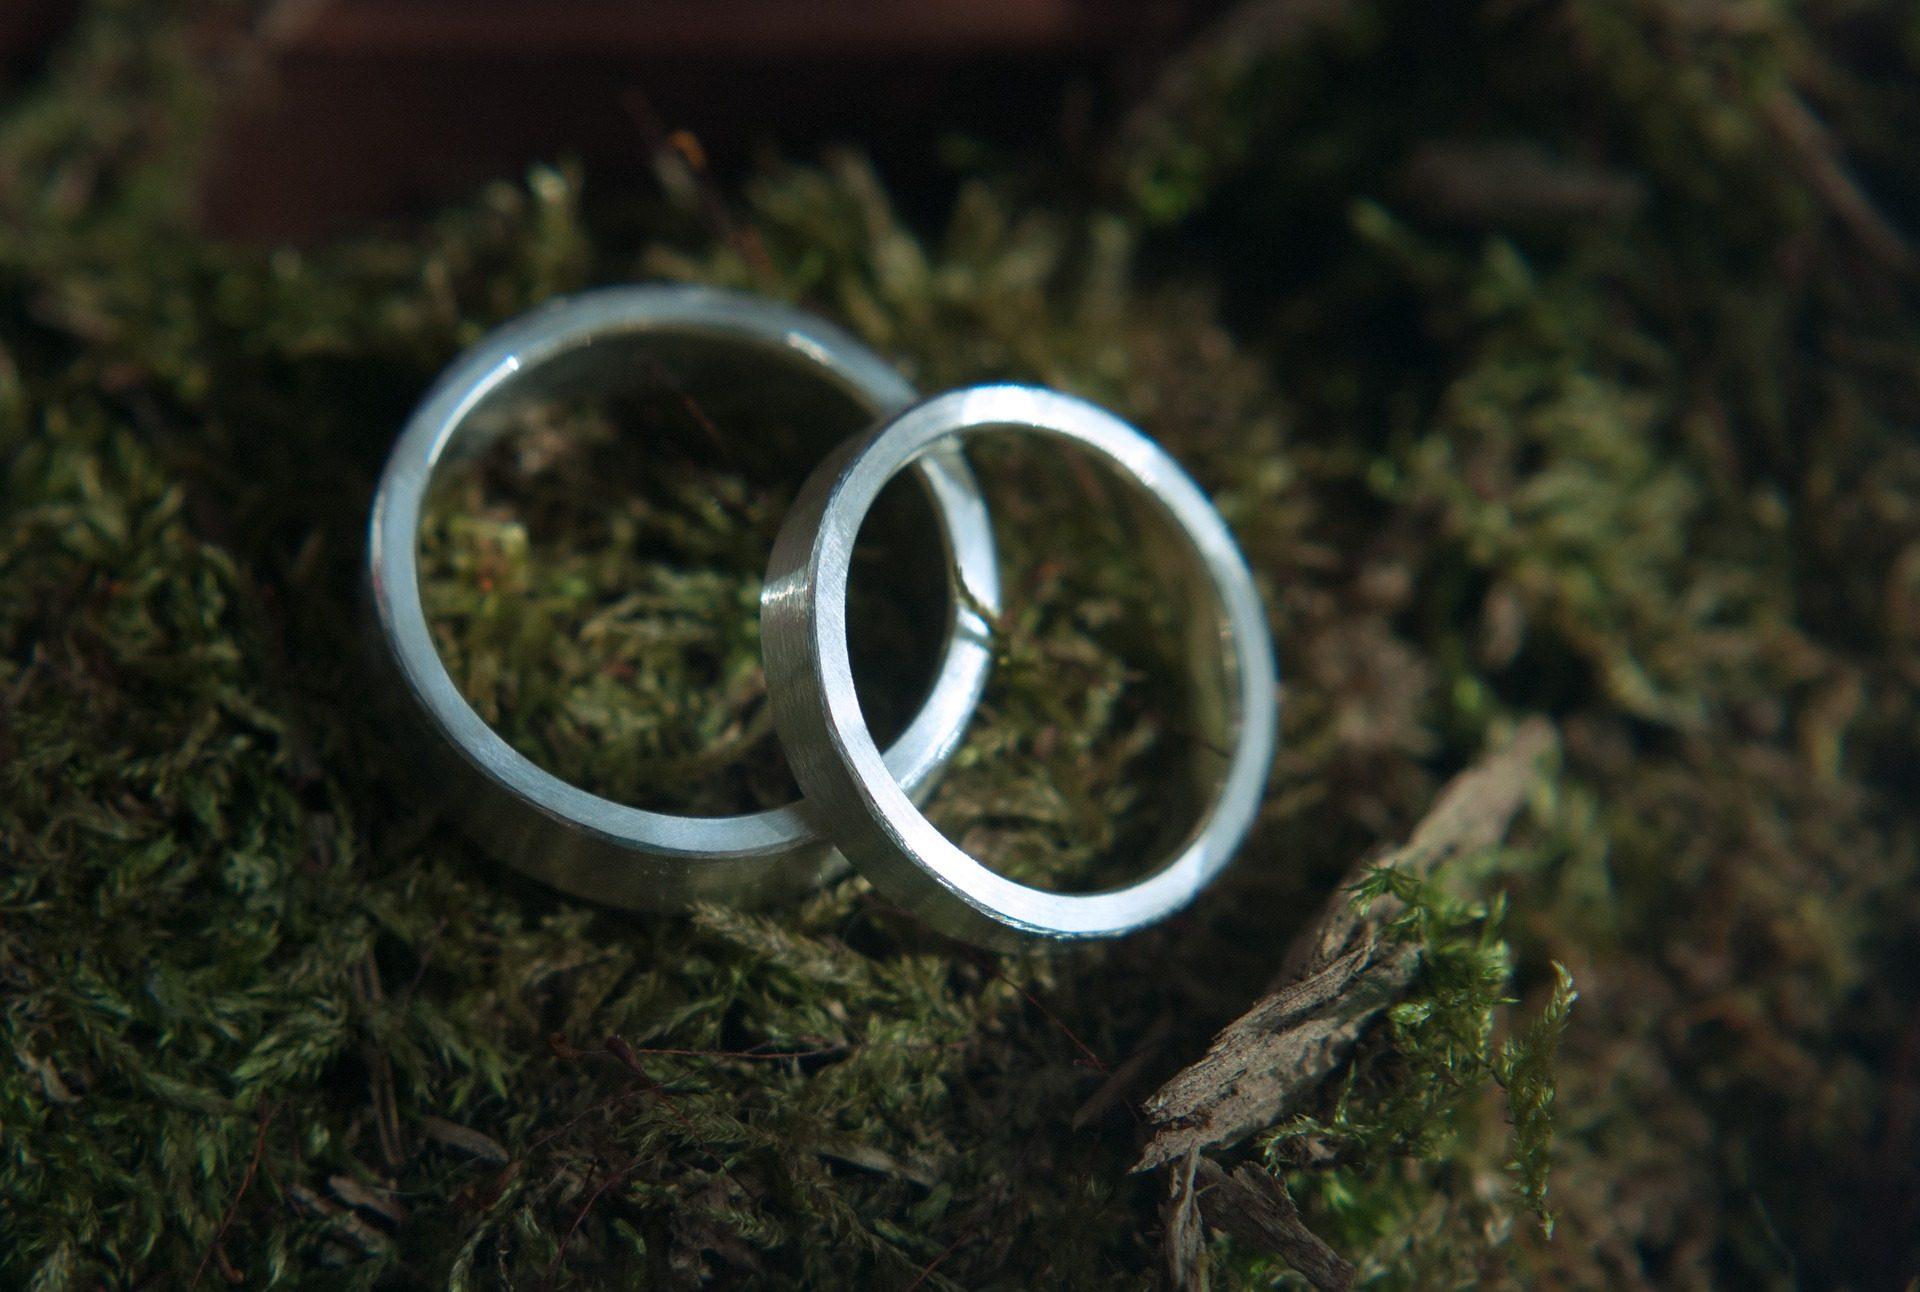 anillos, alianzas, promesa, amor, enlace, hierba - Fondos de Pantalla HD - professor-falken.com